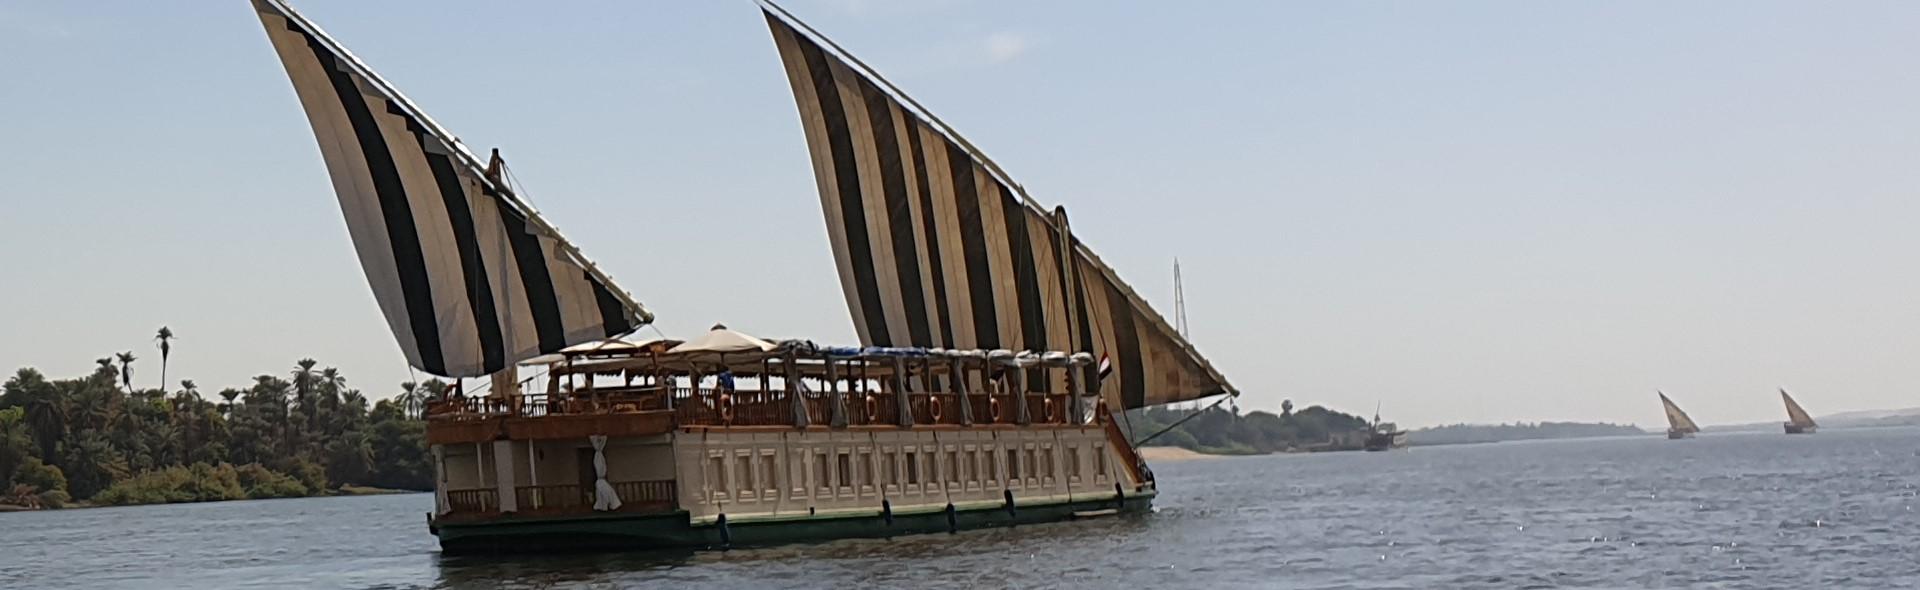 Segel Nilkreuzfahrt Dahabeya